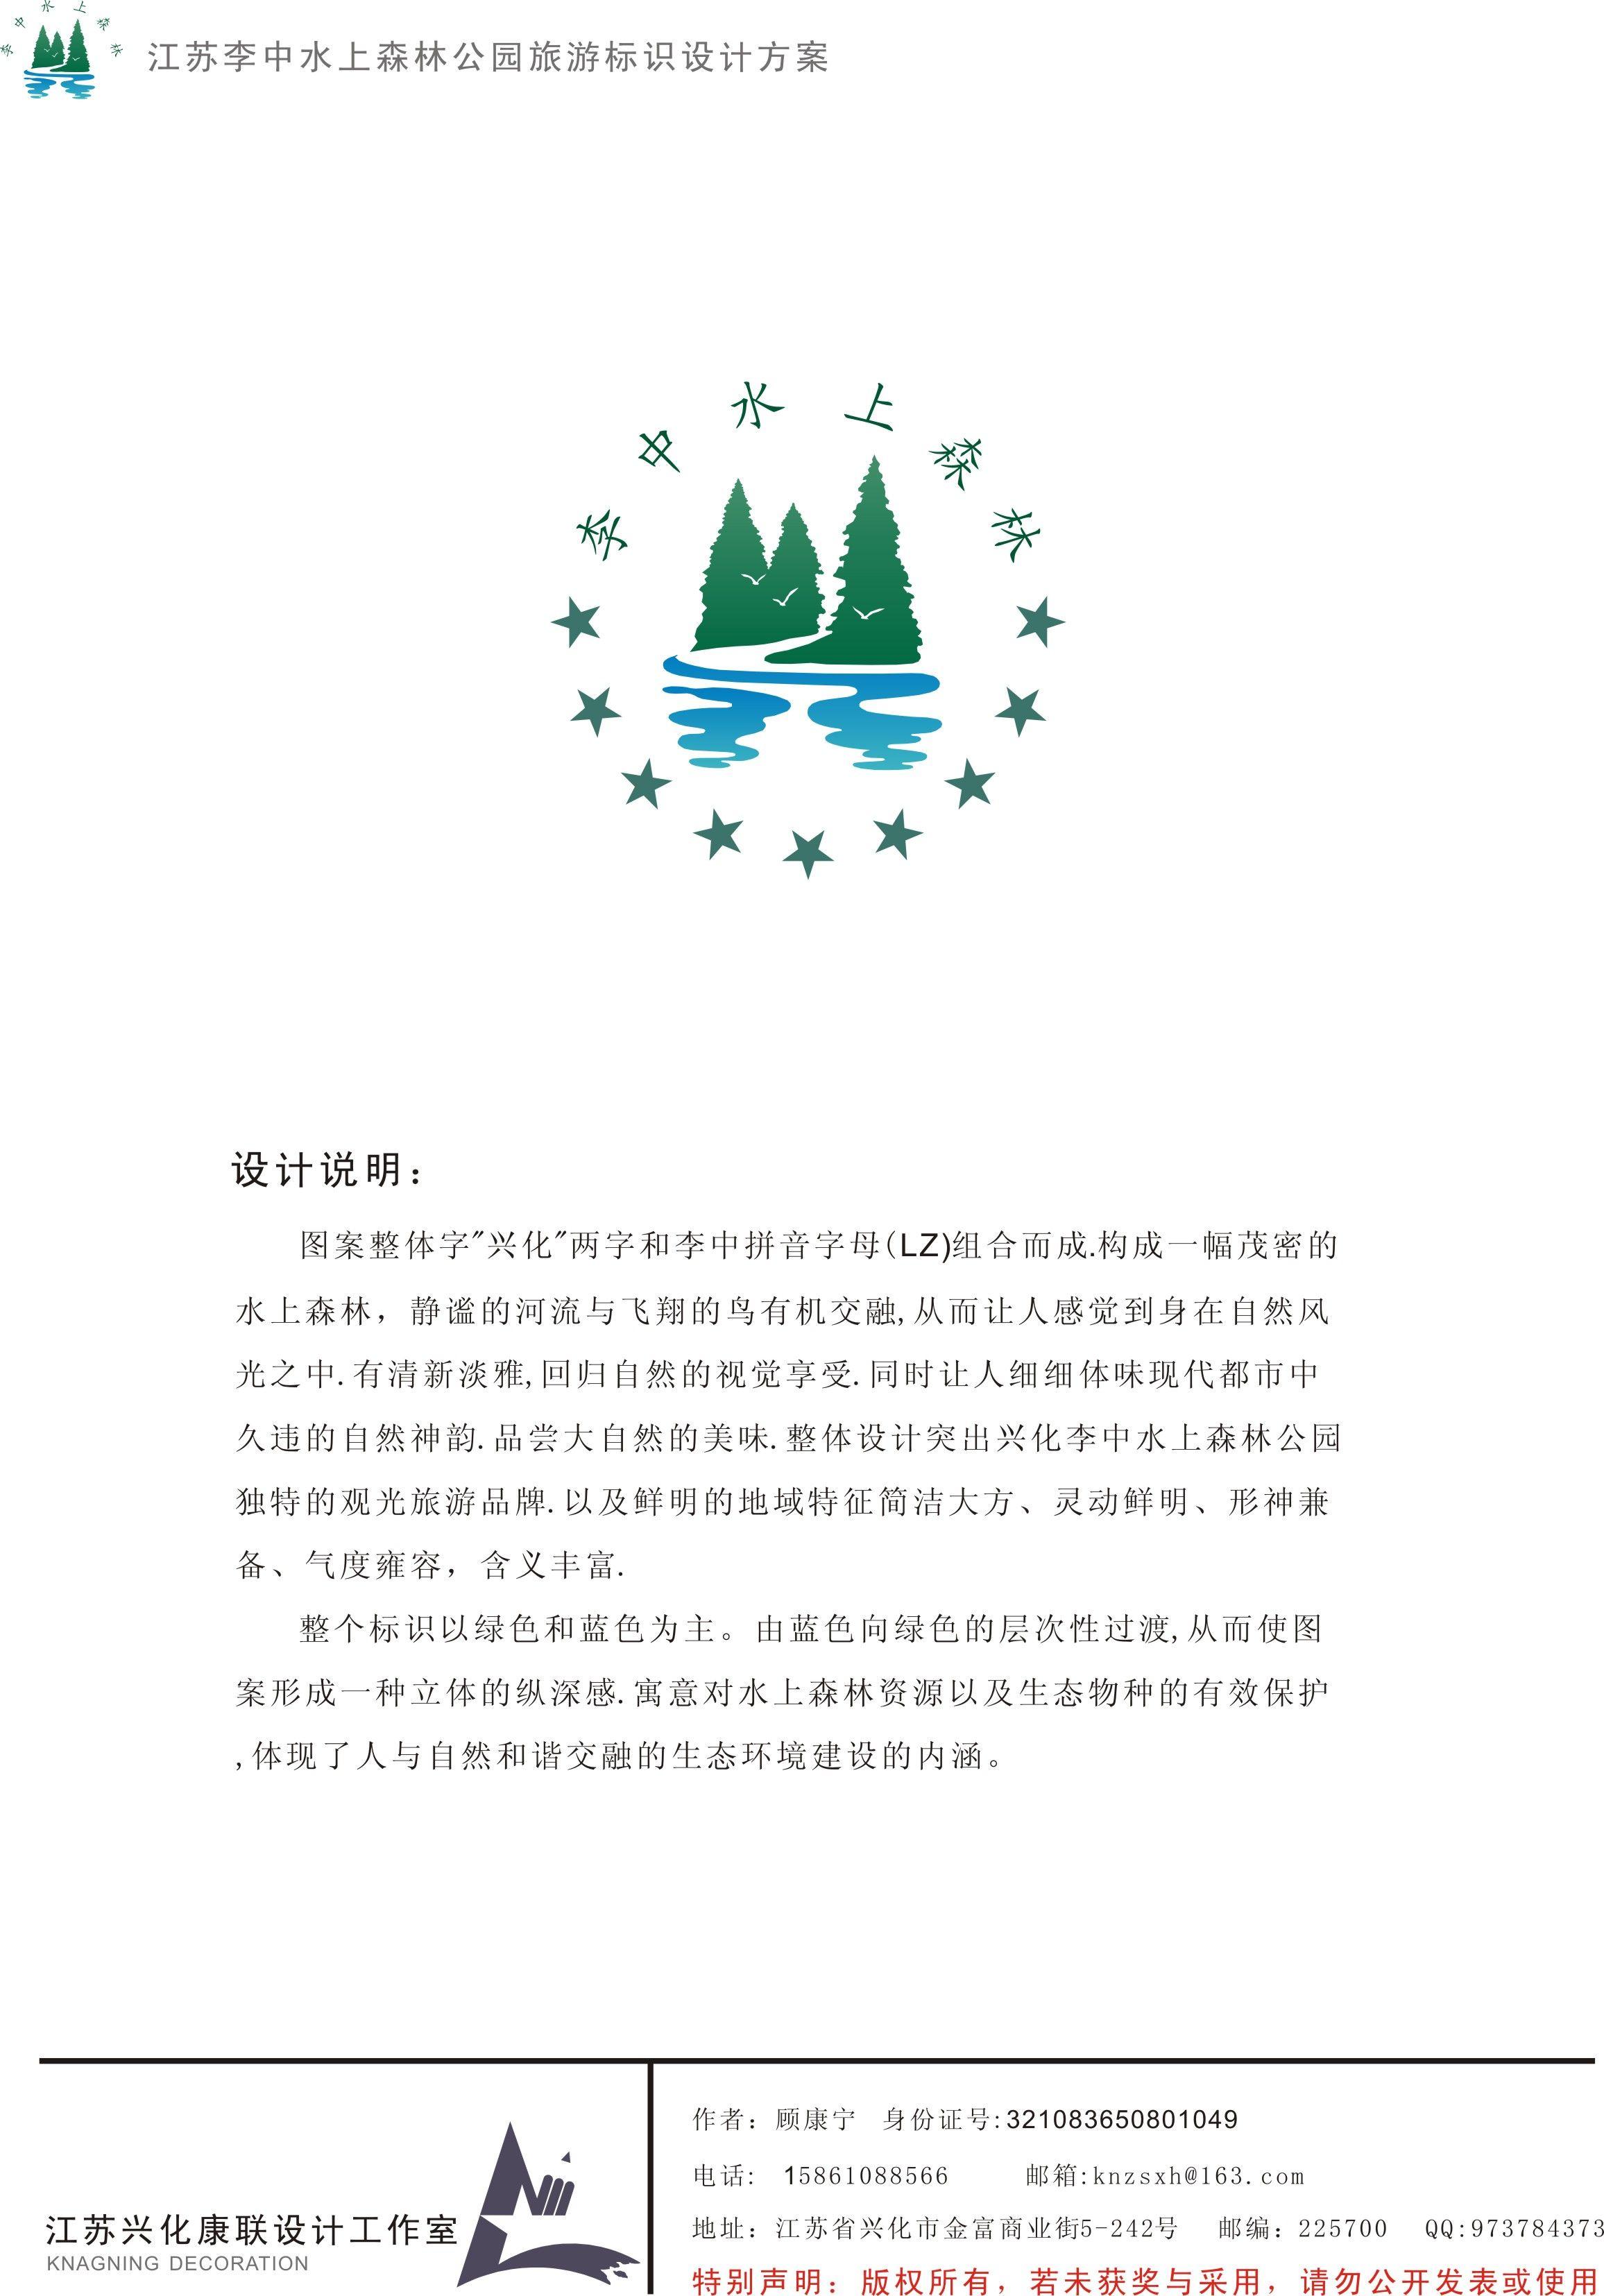 兴化李中水上森林公园标识设计